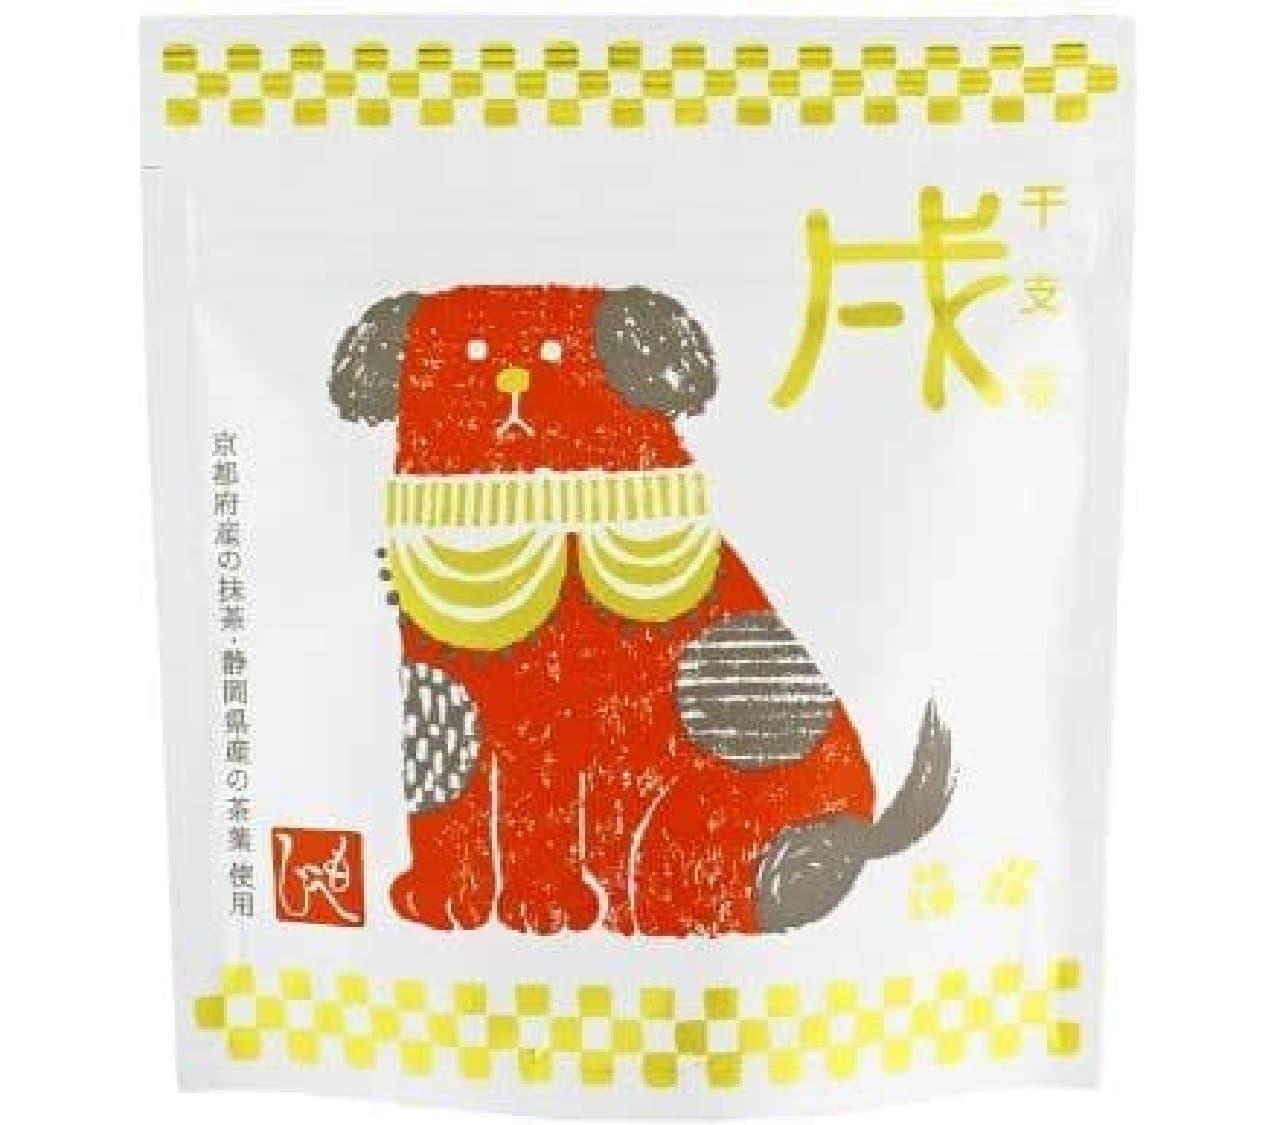 「もへじ 干支ようかん 2018戌」は、北海道産小豆を使用した黒糖味の濃厚な一口ようかん